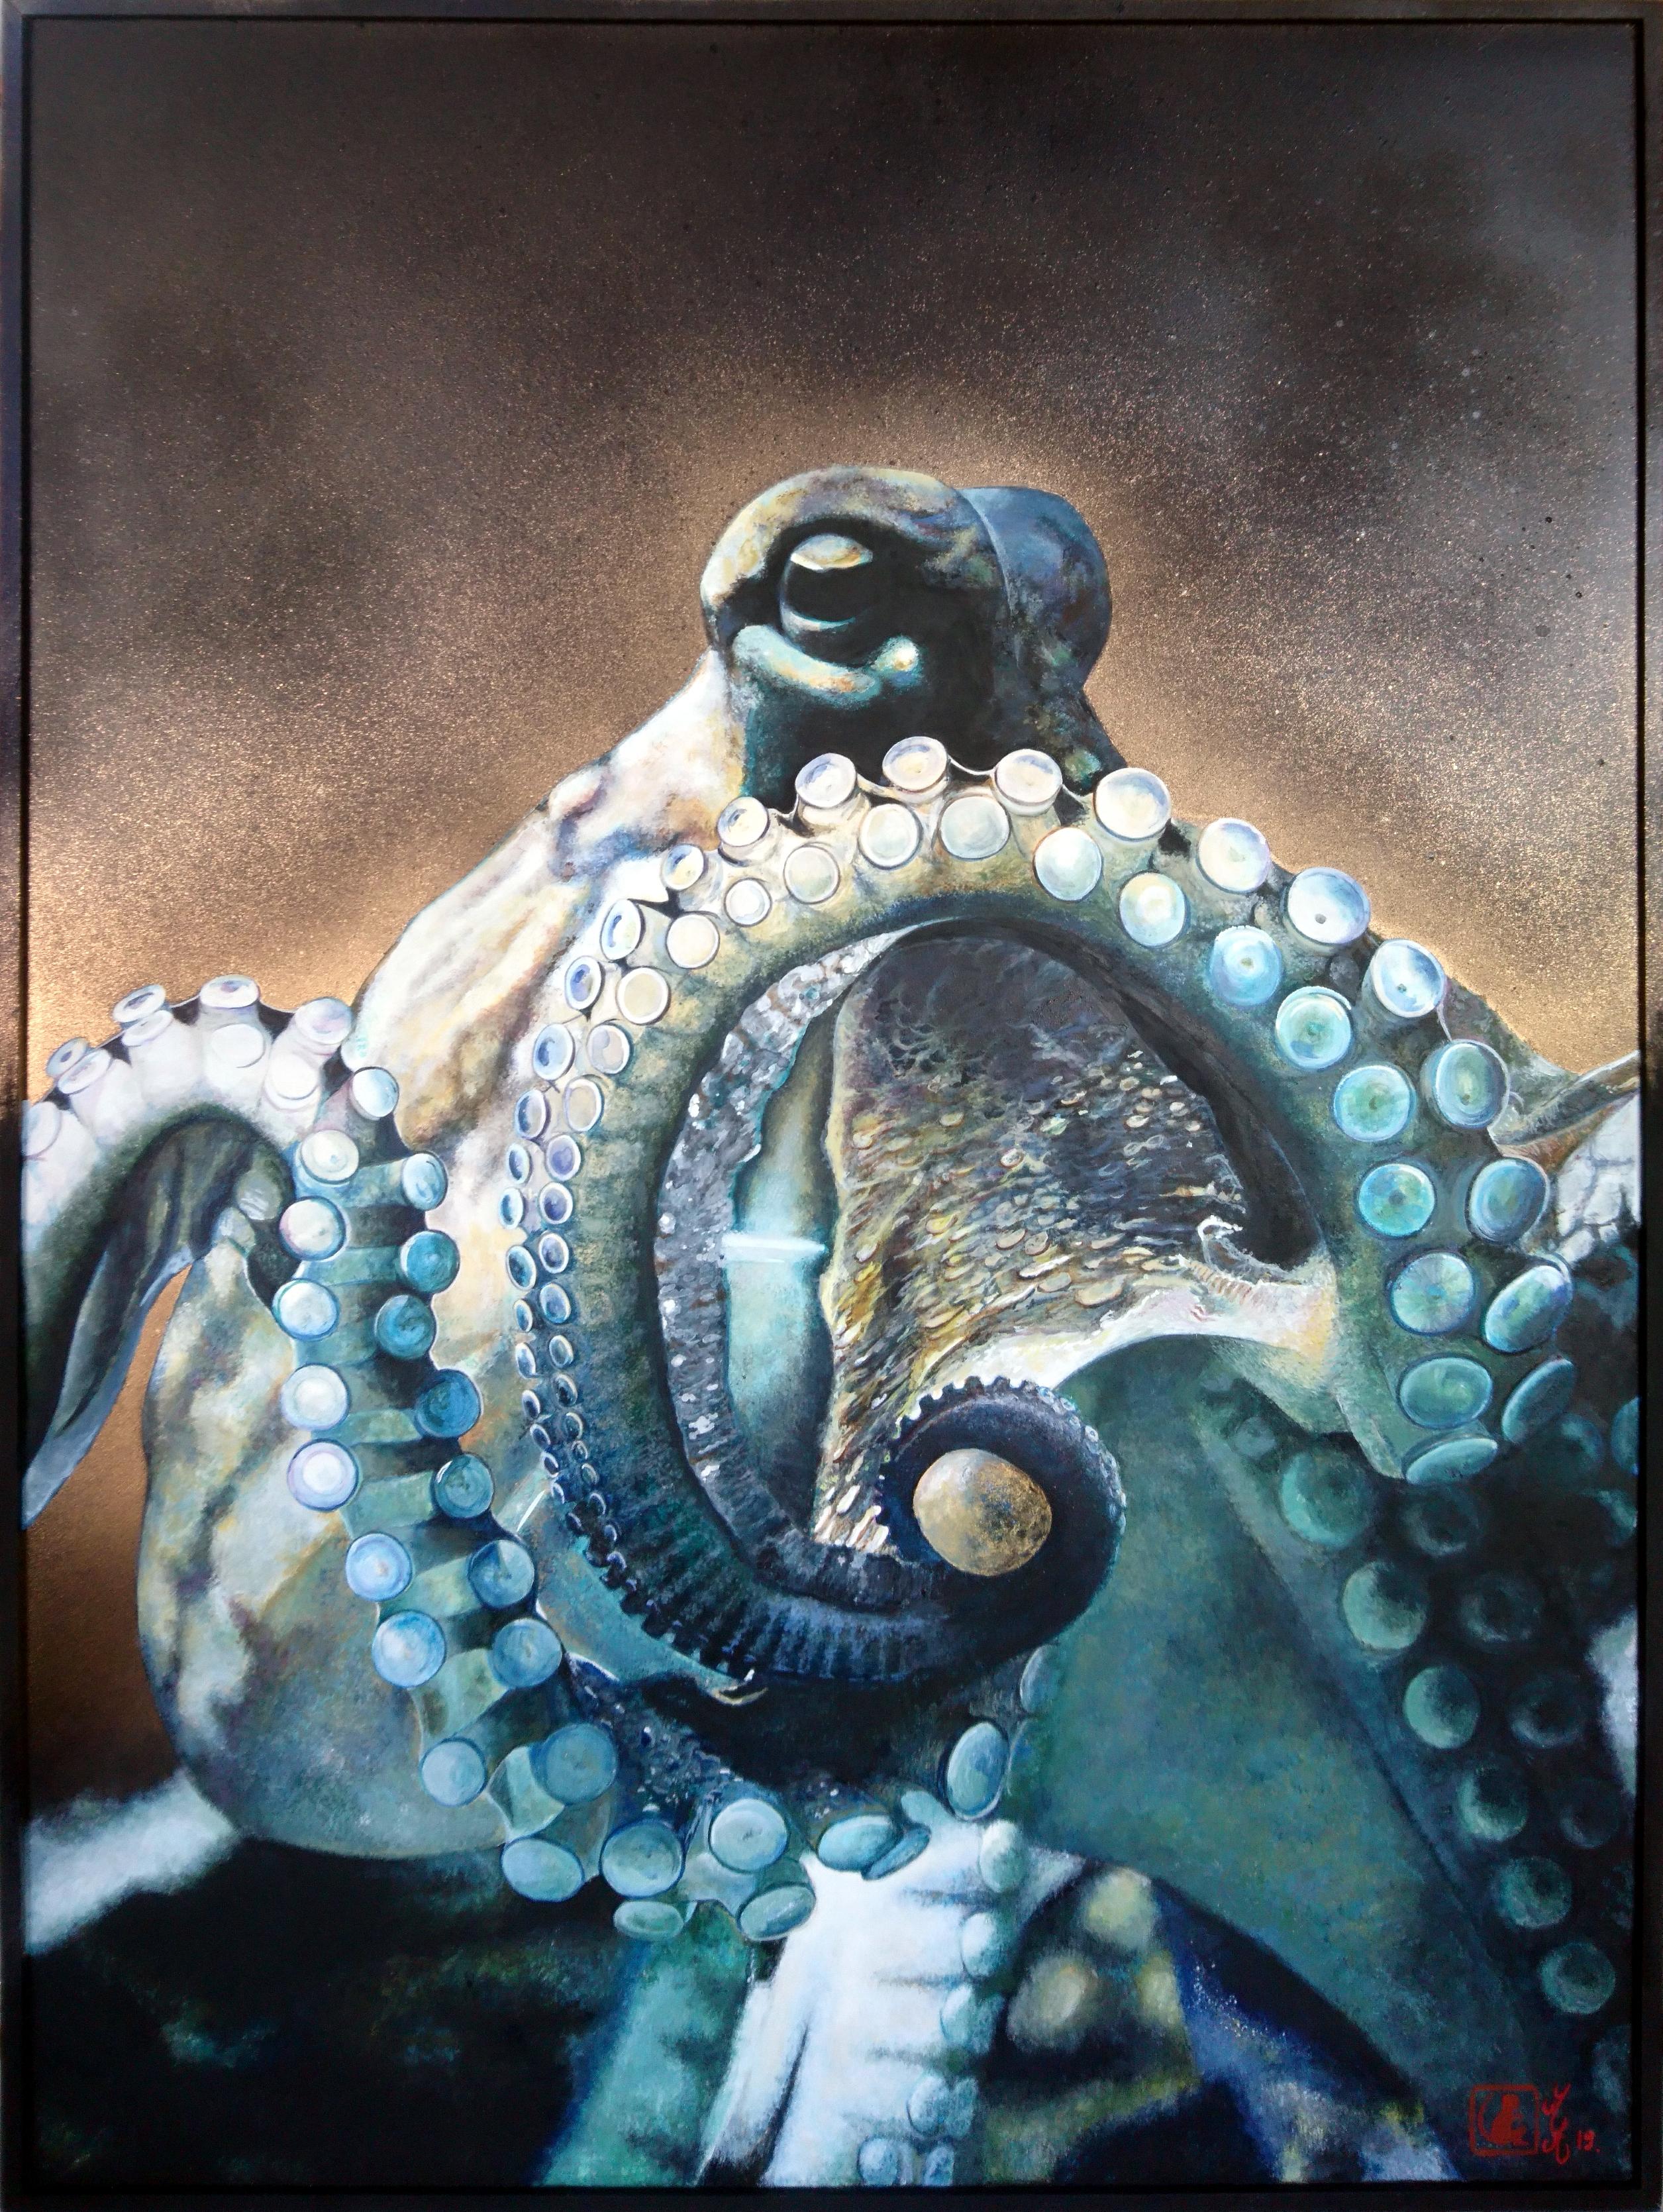 Octopus (Ier) et sa pépite